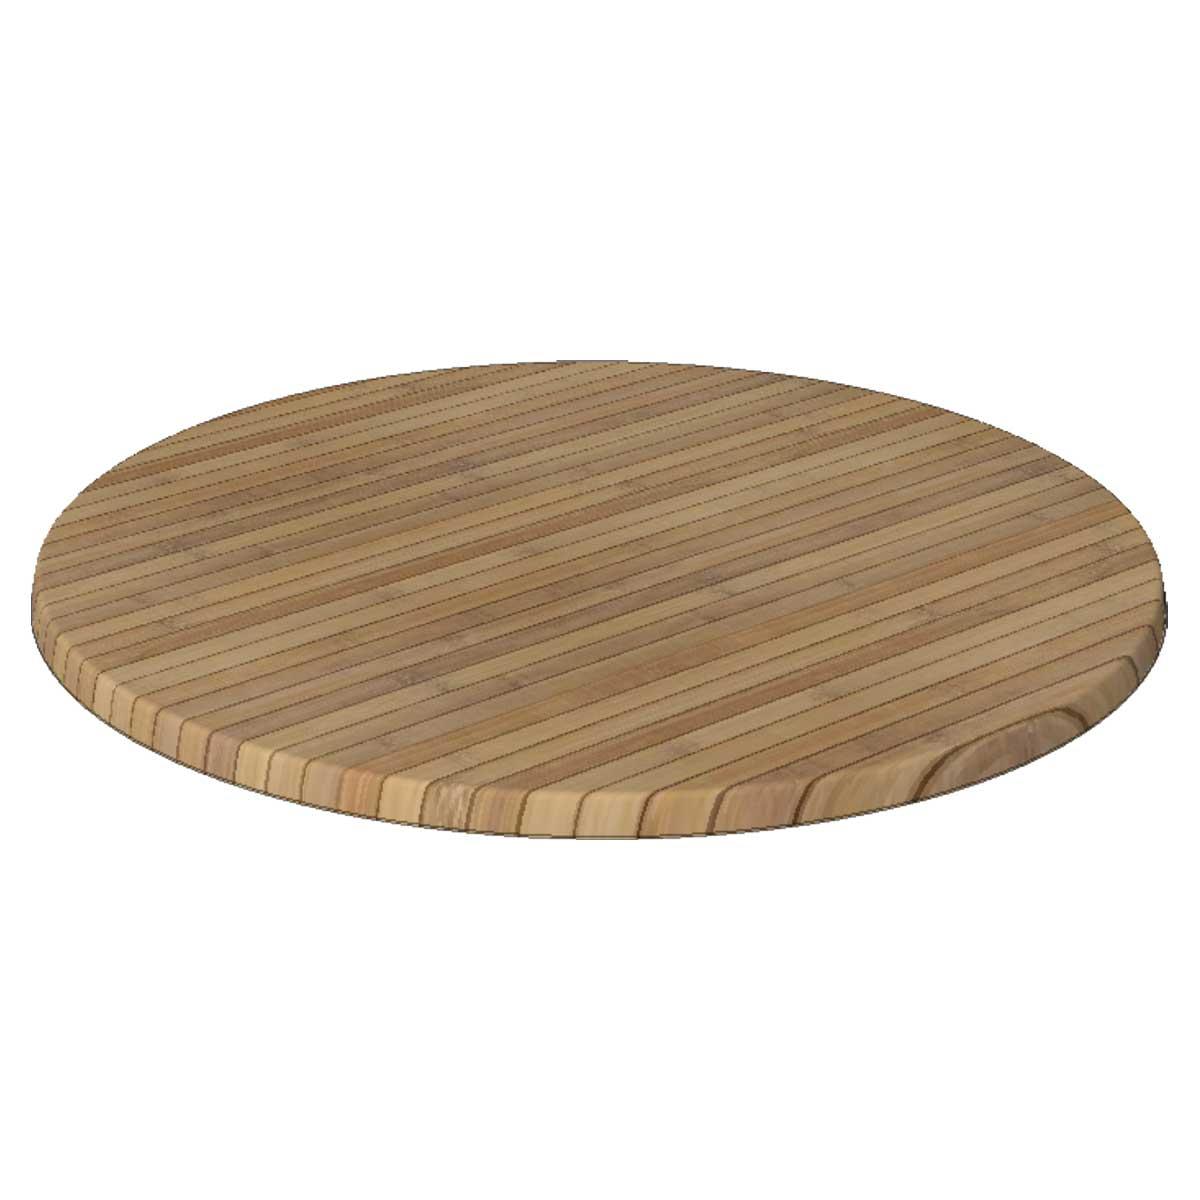 TICLA R70 244 - https://www.werzalit.com/nl/product/tafelblad-classic-werzalit-r-oe100-244-saigon/